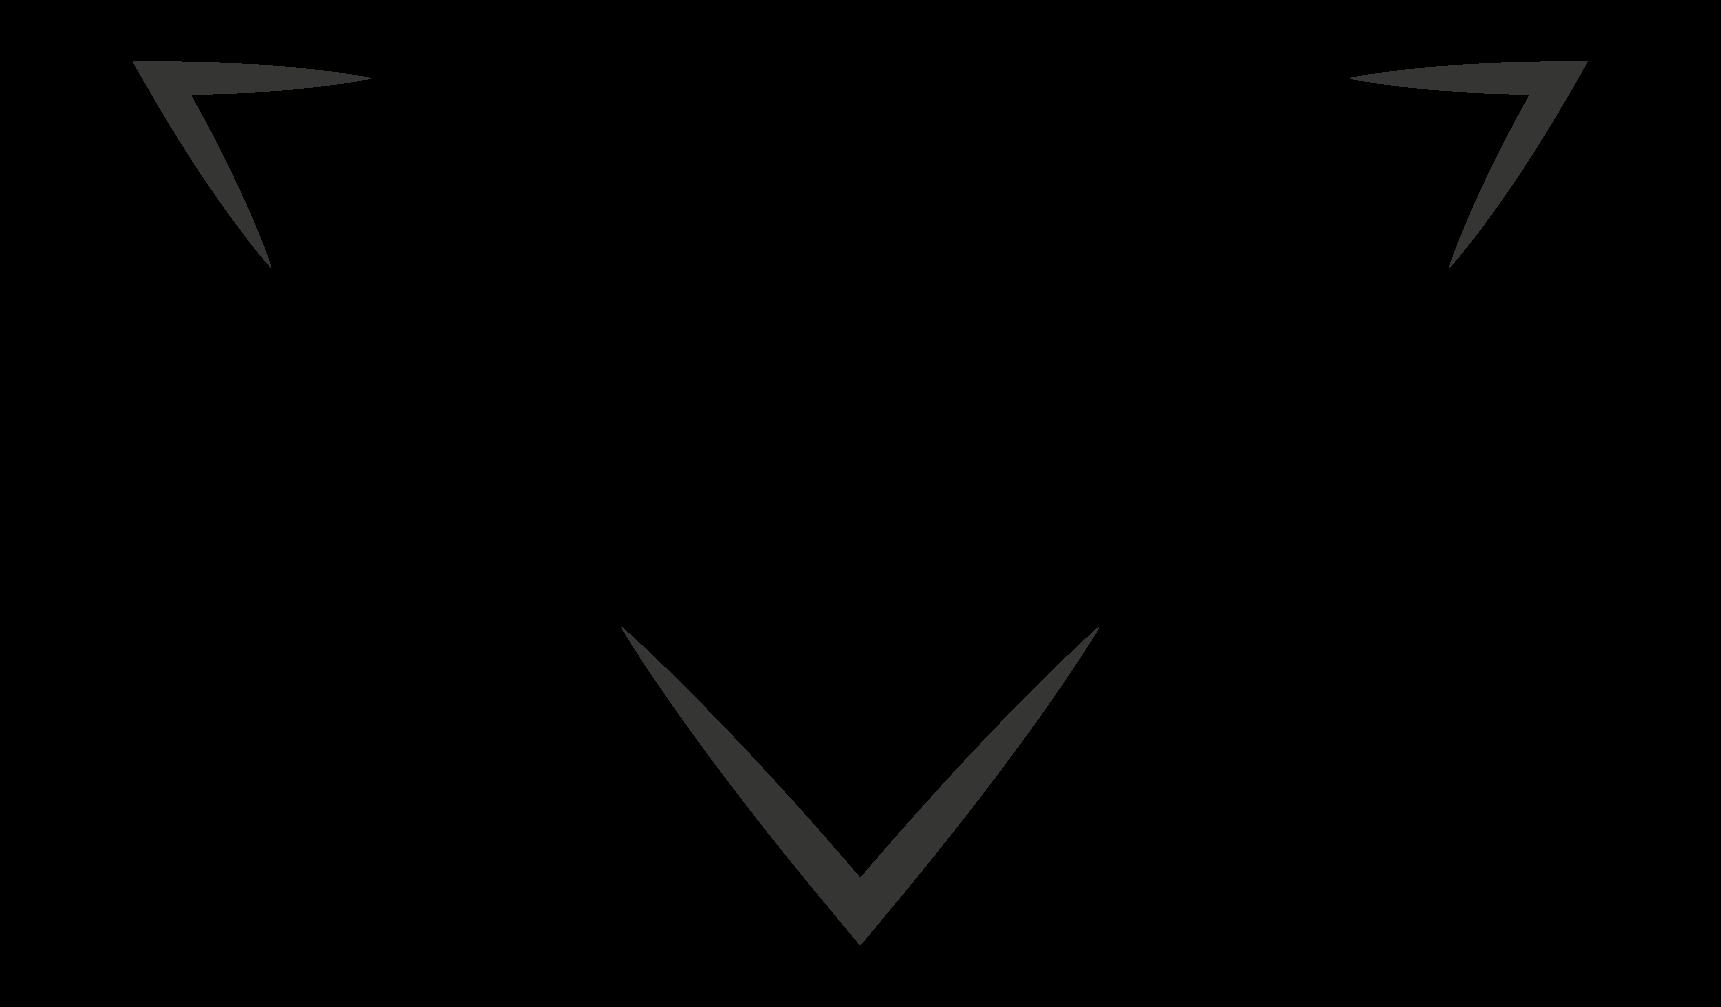 Logo des Functional-Fitness & Boxclubs PAX Gym aus Frankfurt am Main, Partner von FEFLOGX Sportswear.